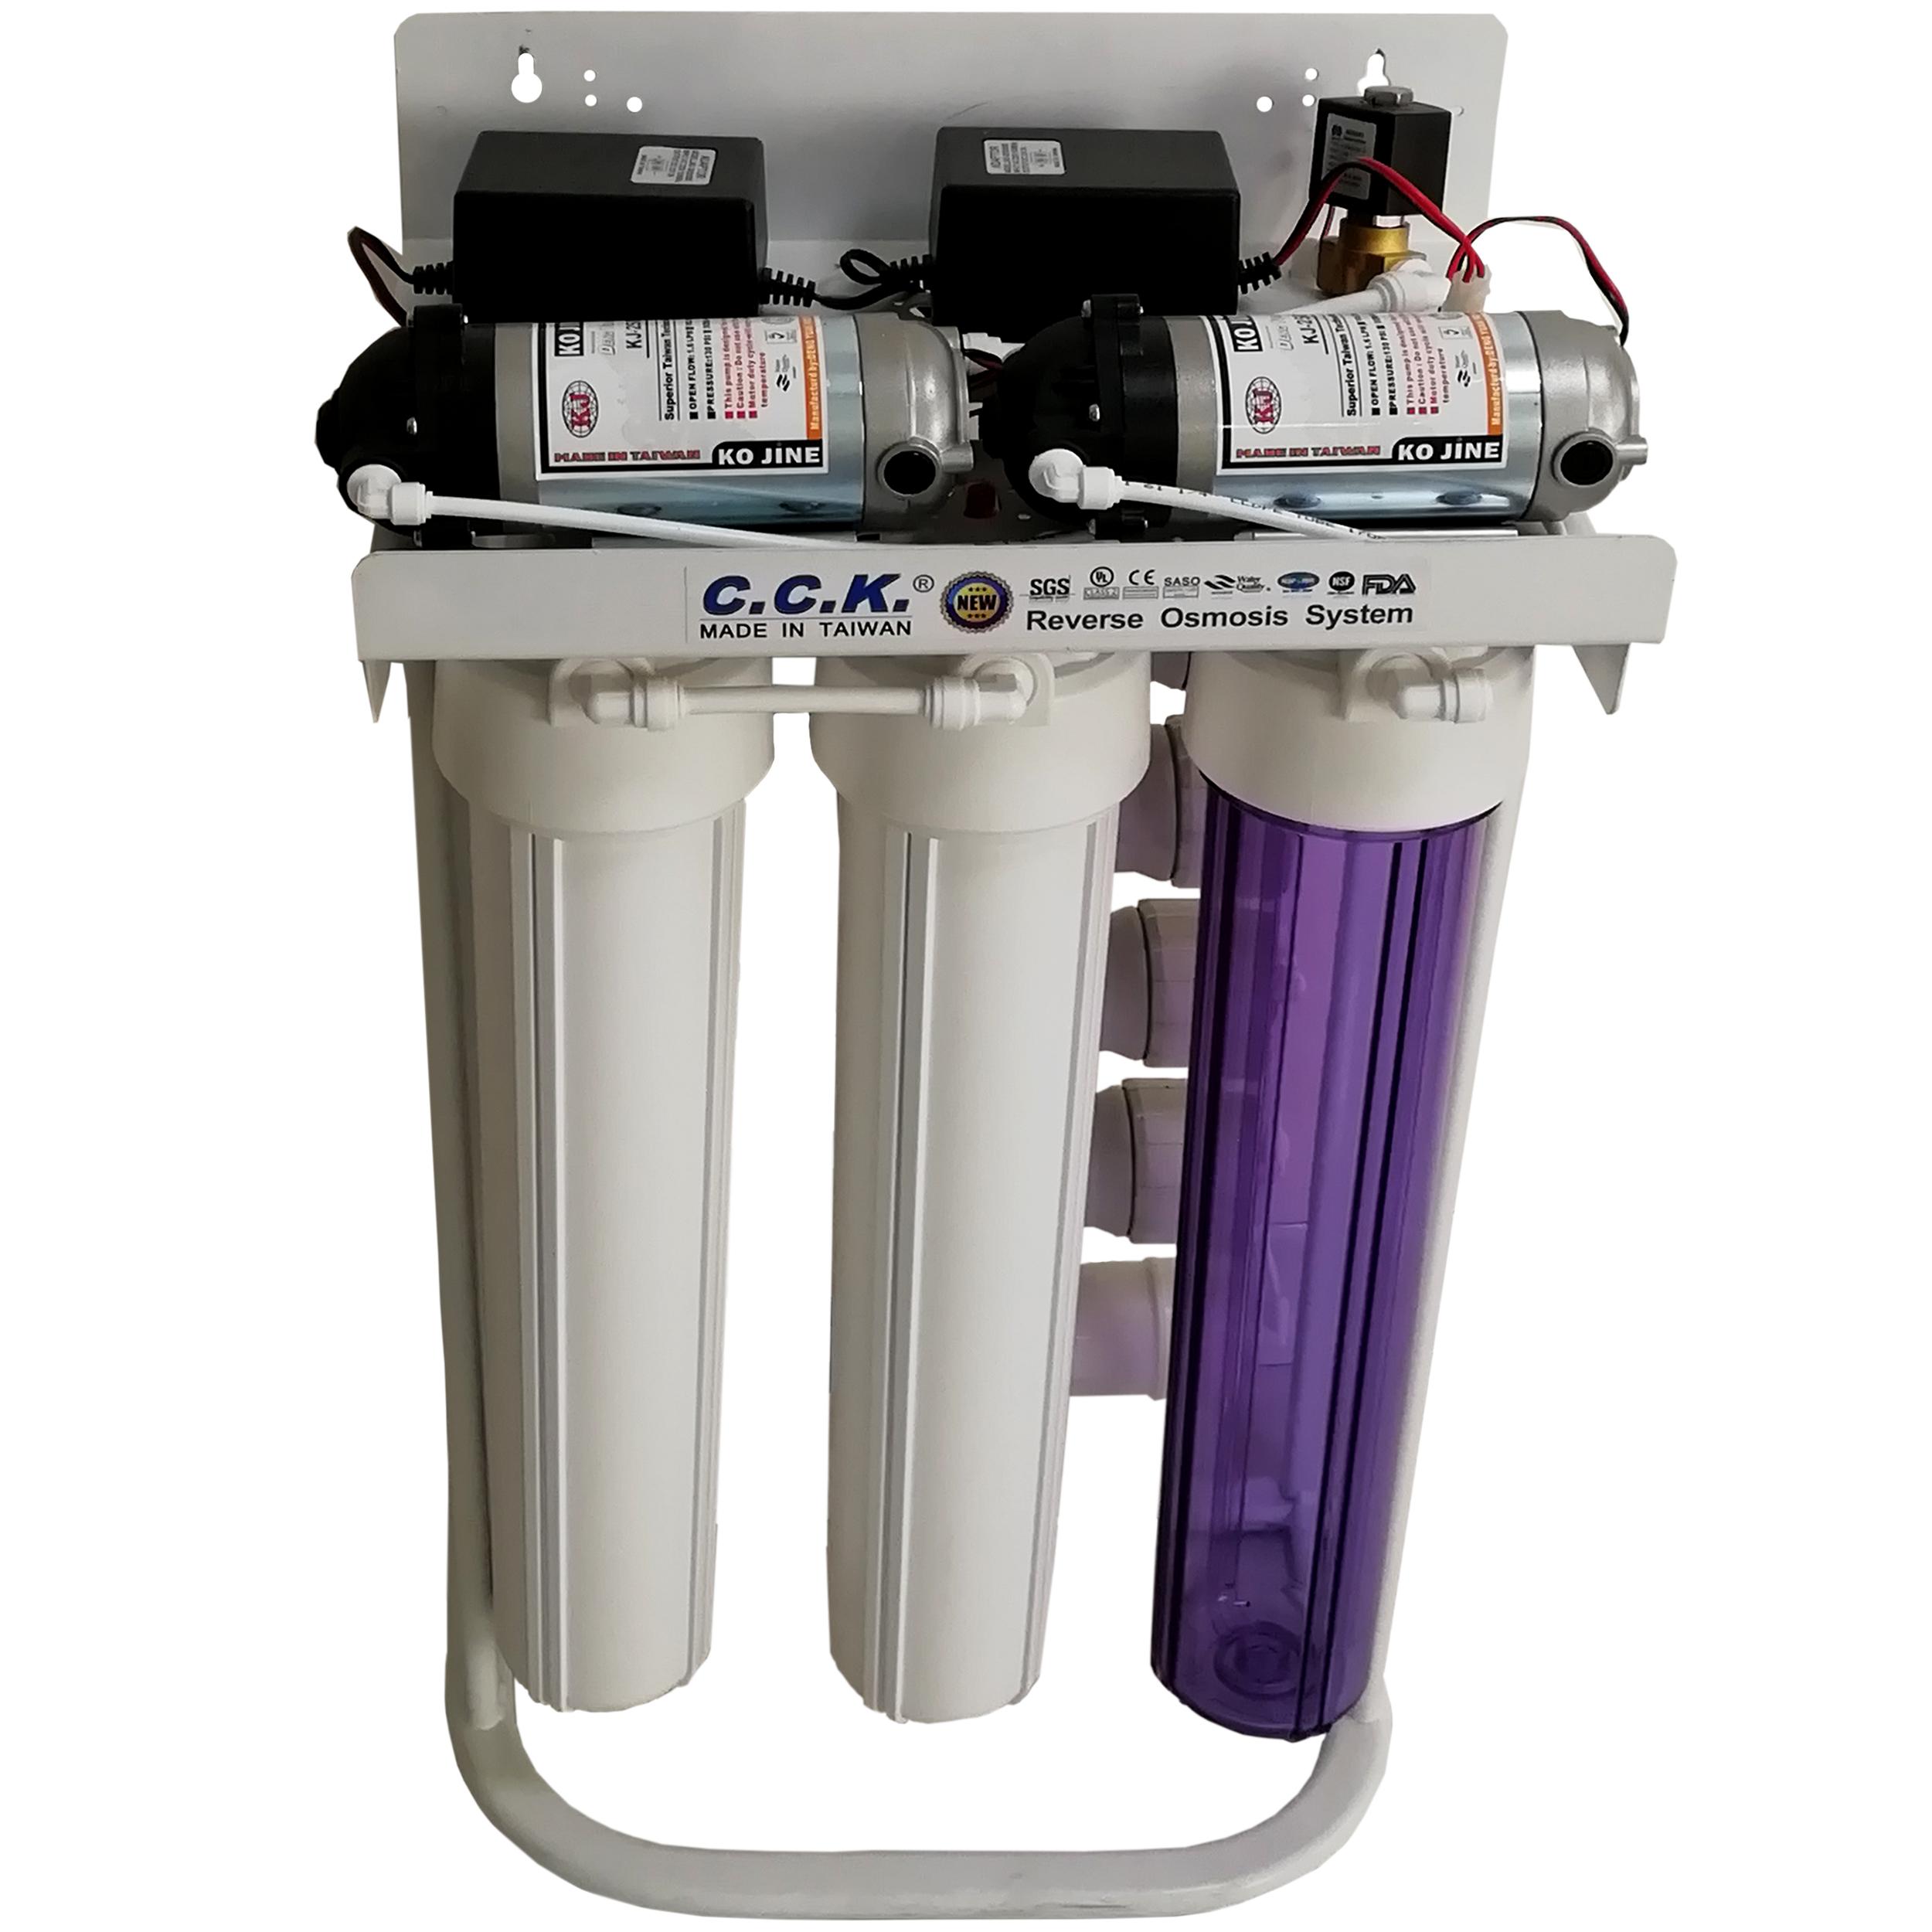 دستگاه تصفیه کننده آب سی سی کا کد 1008s